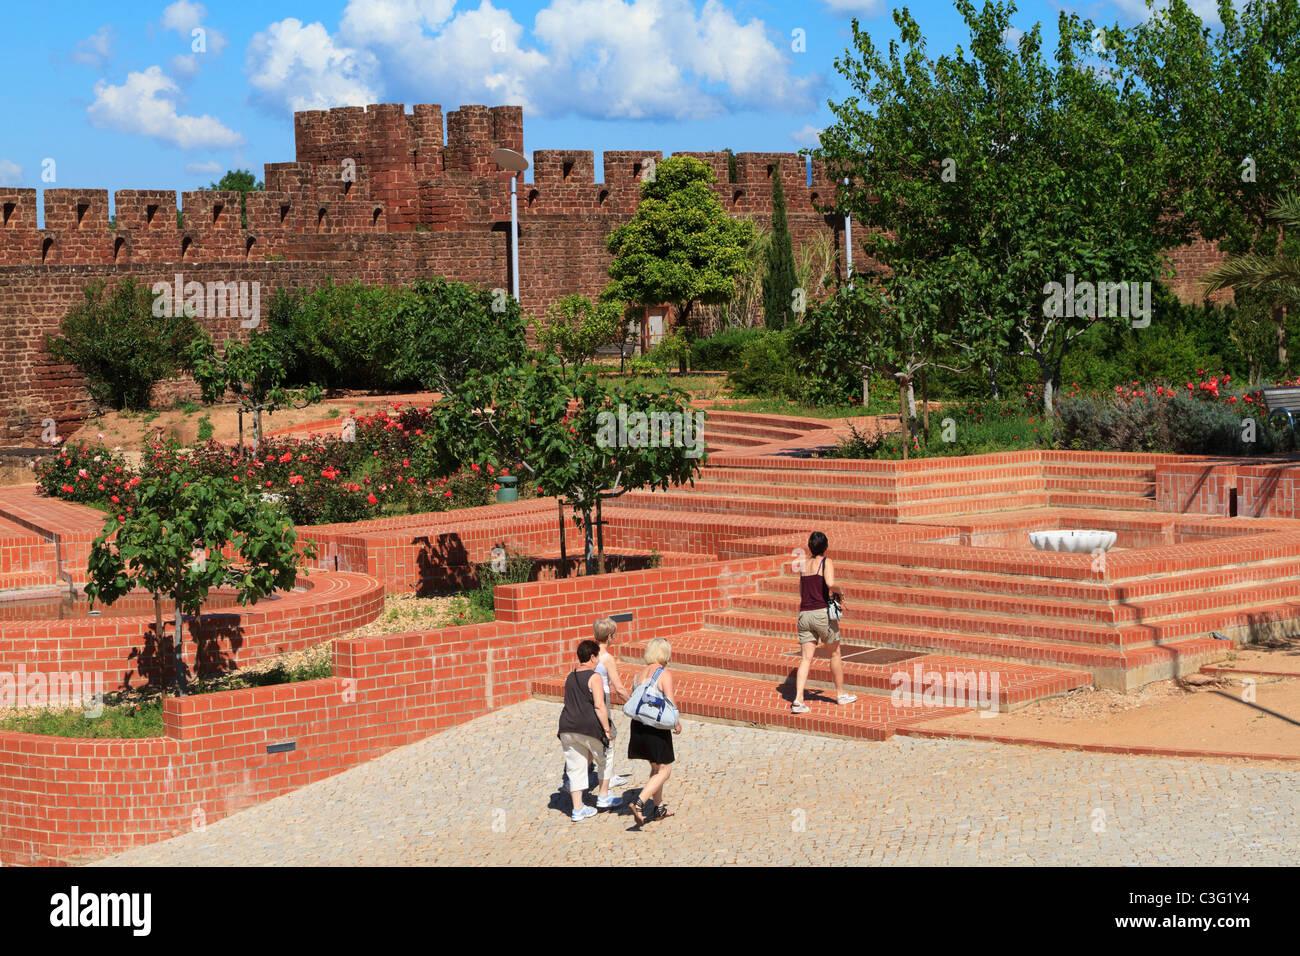 Immagini Di Giardini Moderni : Il castello di silves algarve portogallo giardini moderni in